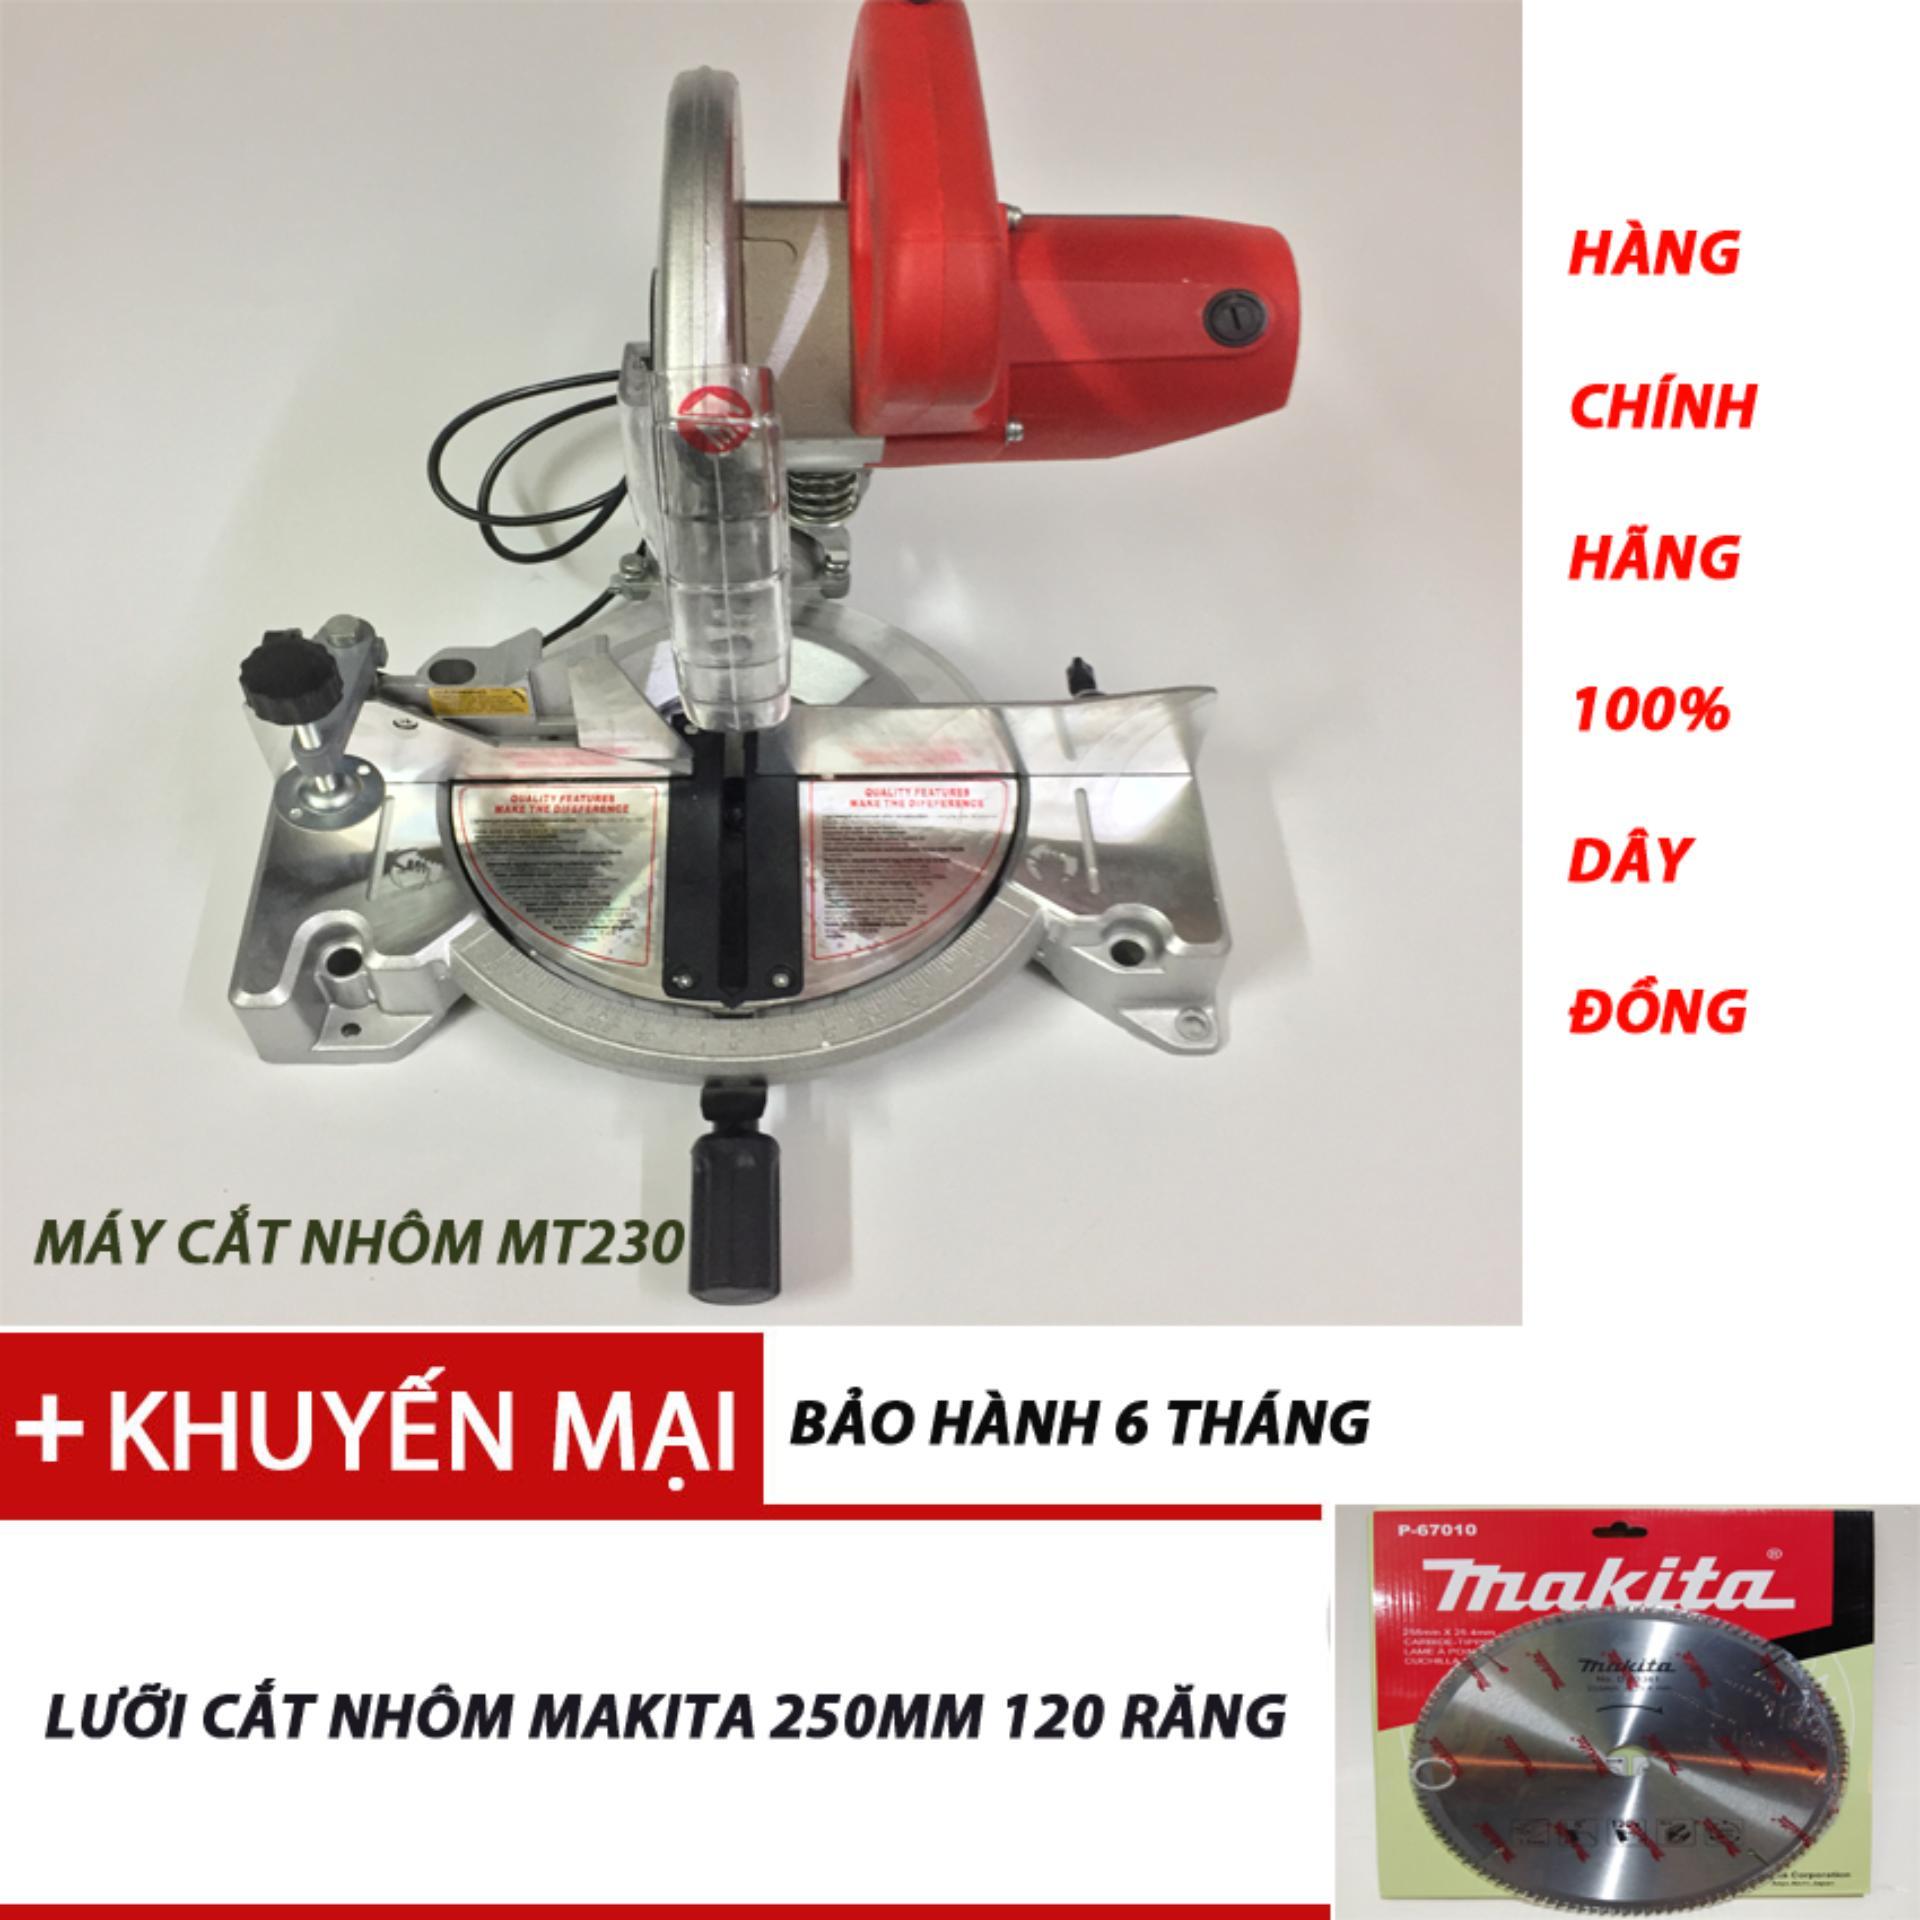 Máy cắt nhôm MT230, tặng lữoi cắt nhôm makita 250mm,120 răng.